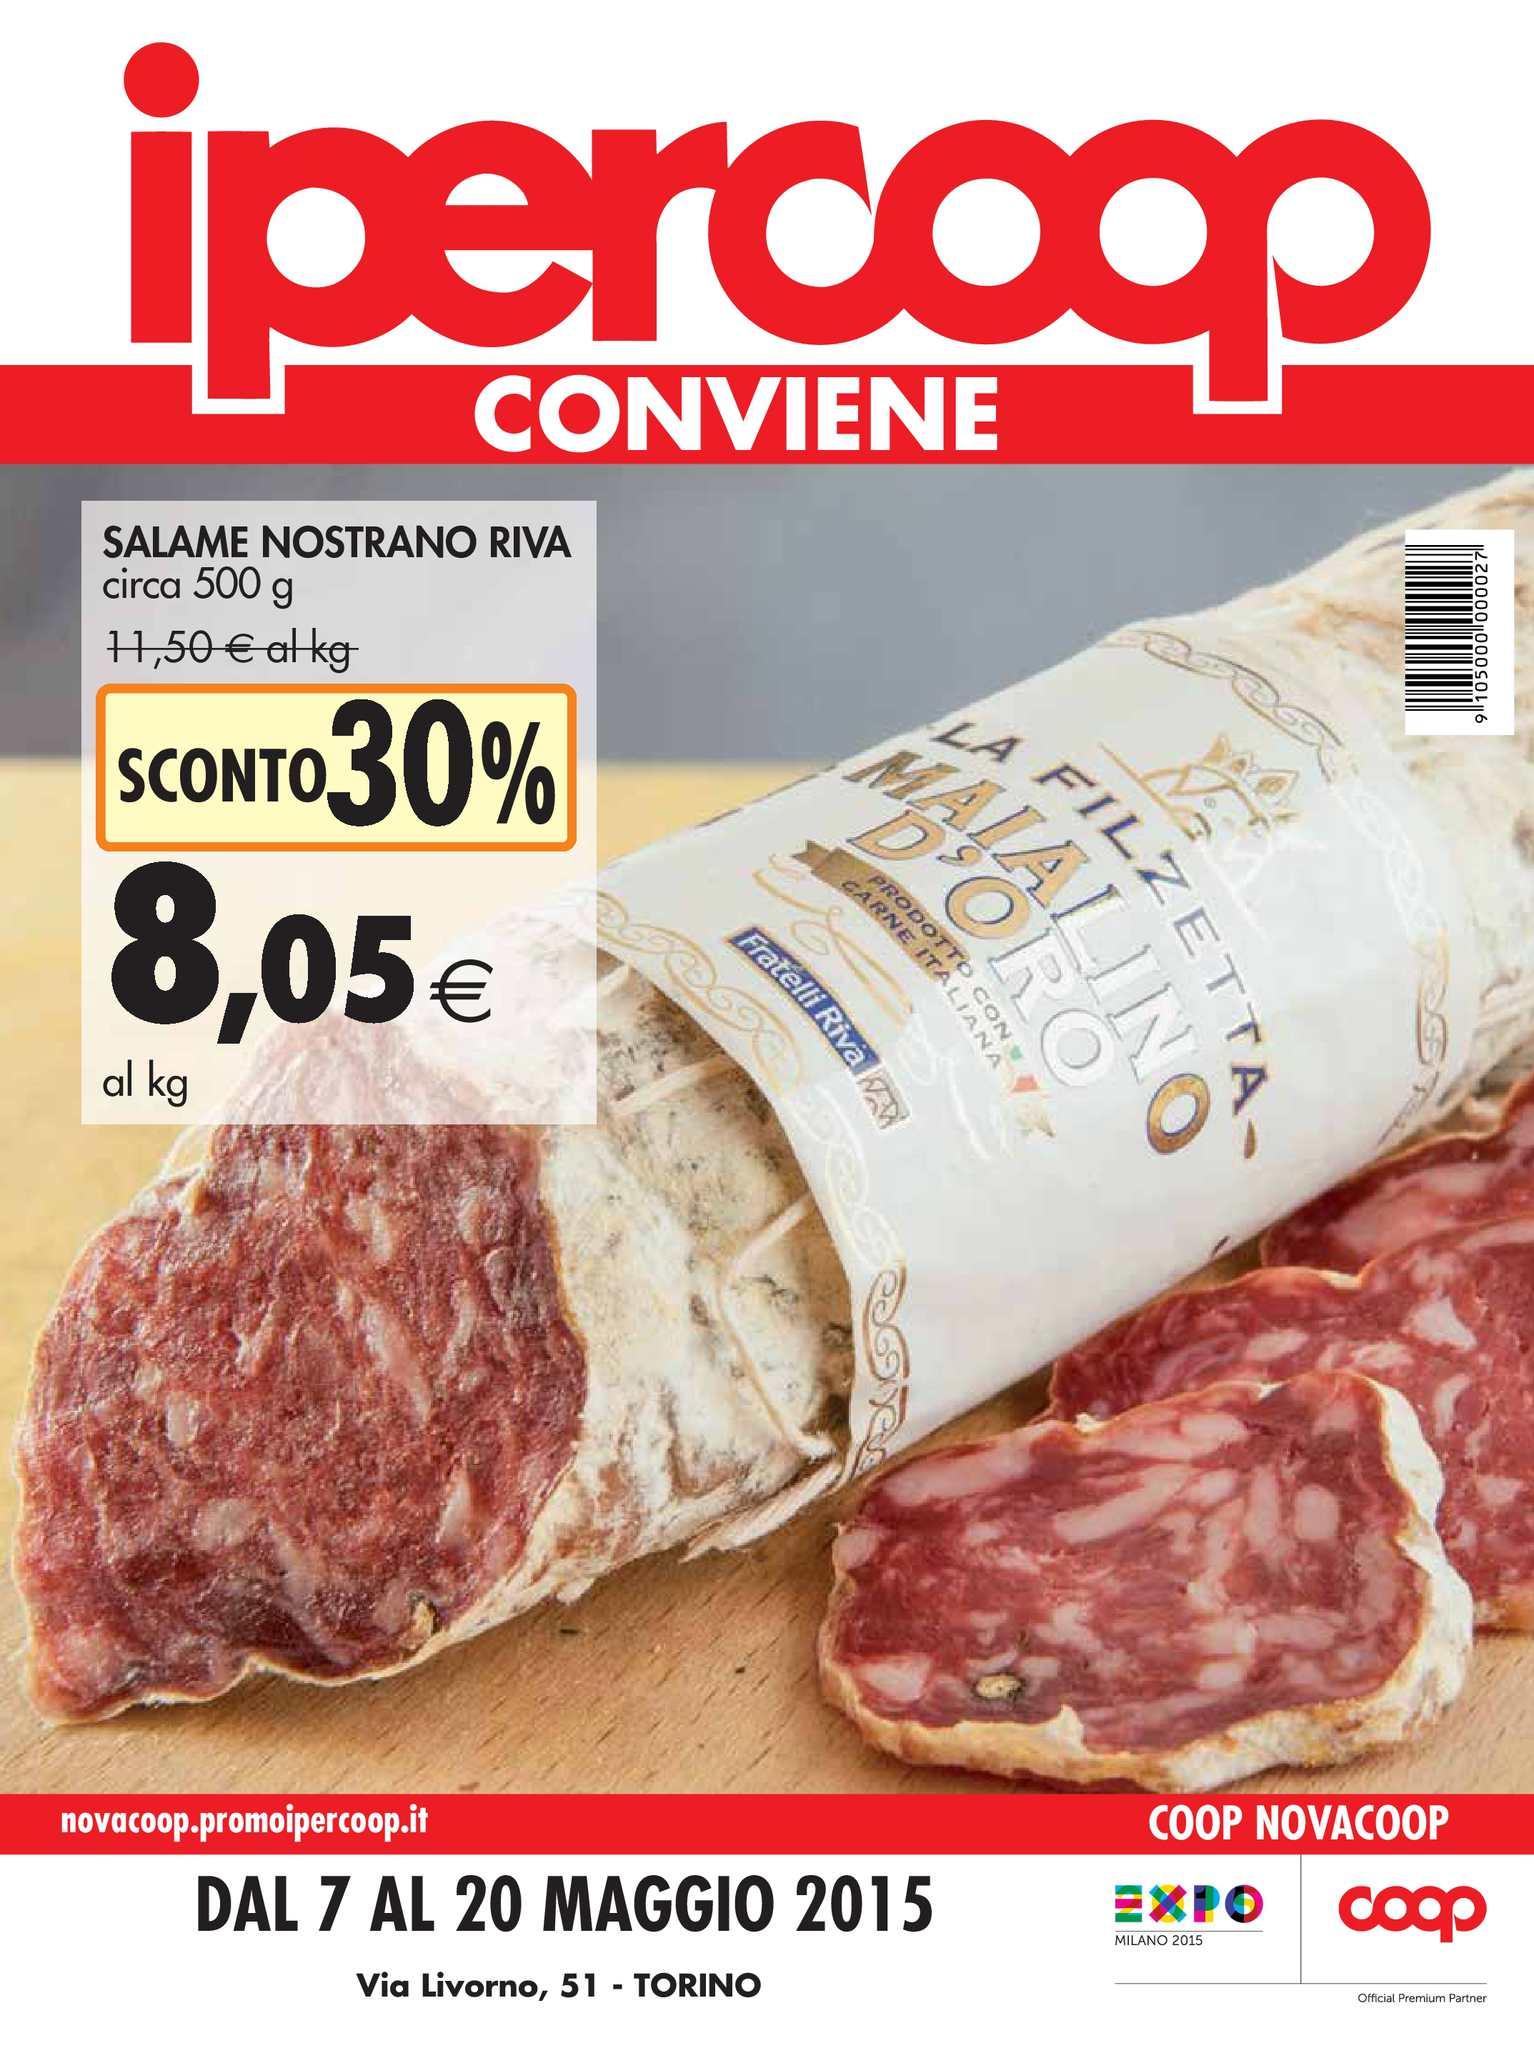 Al Calaméo Iper Coop Piemonte 20 Dal 7 Maggio Volantino srBohxdtQC